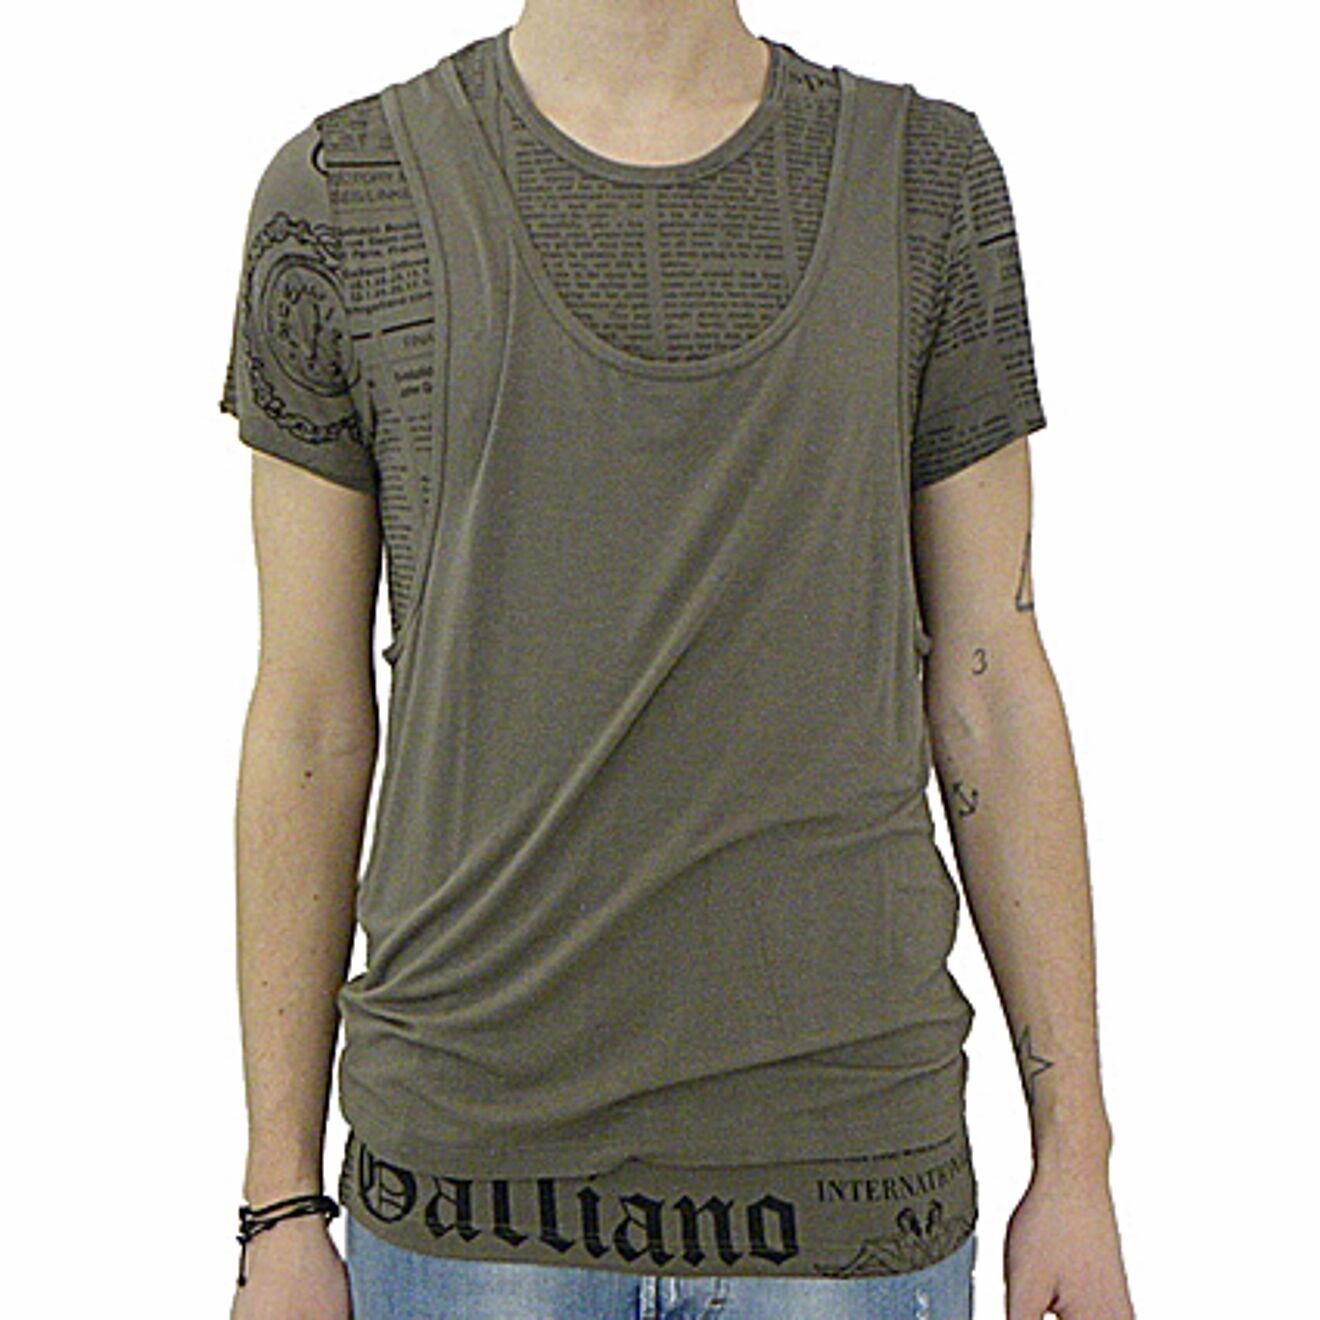 John Galliano T-Shirt + Muskelshirt Zeitung, T-Shirt + Tank Top Zeitung